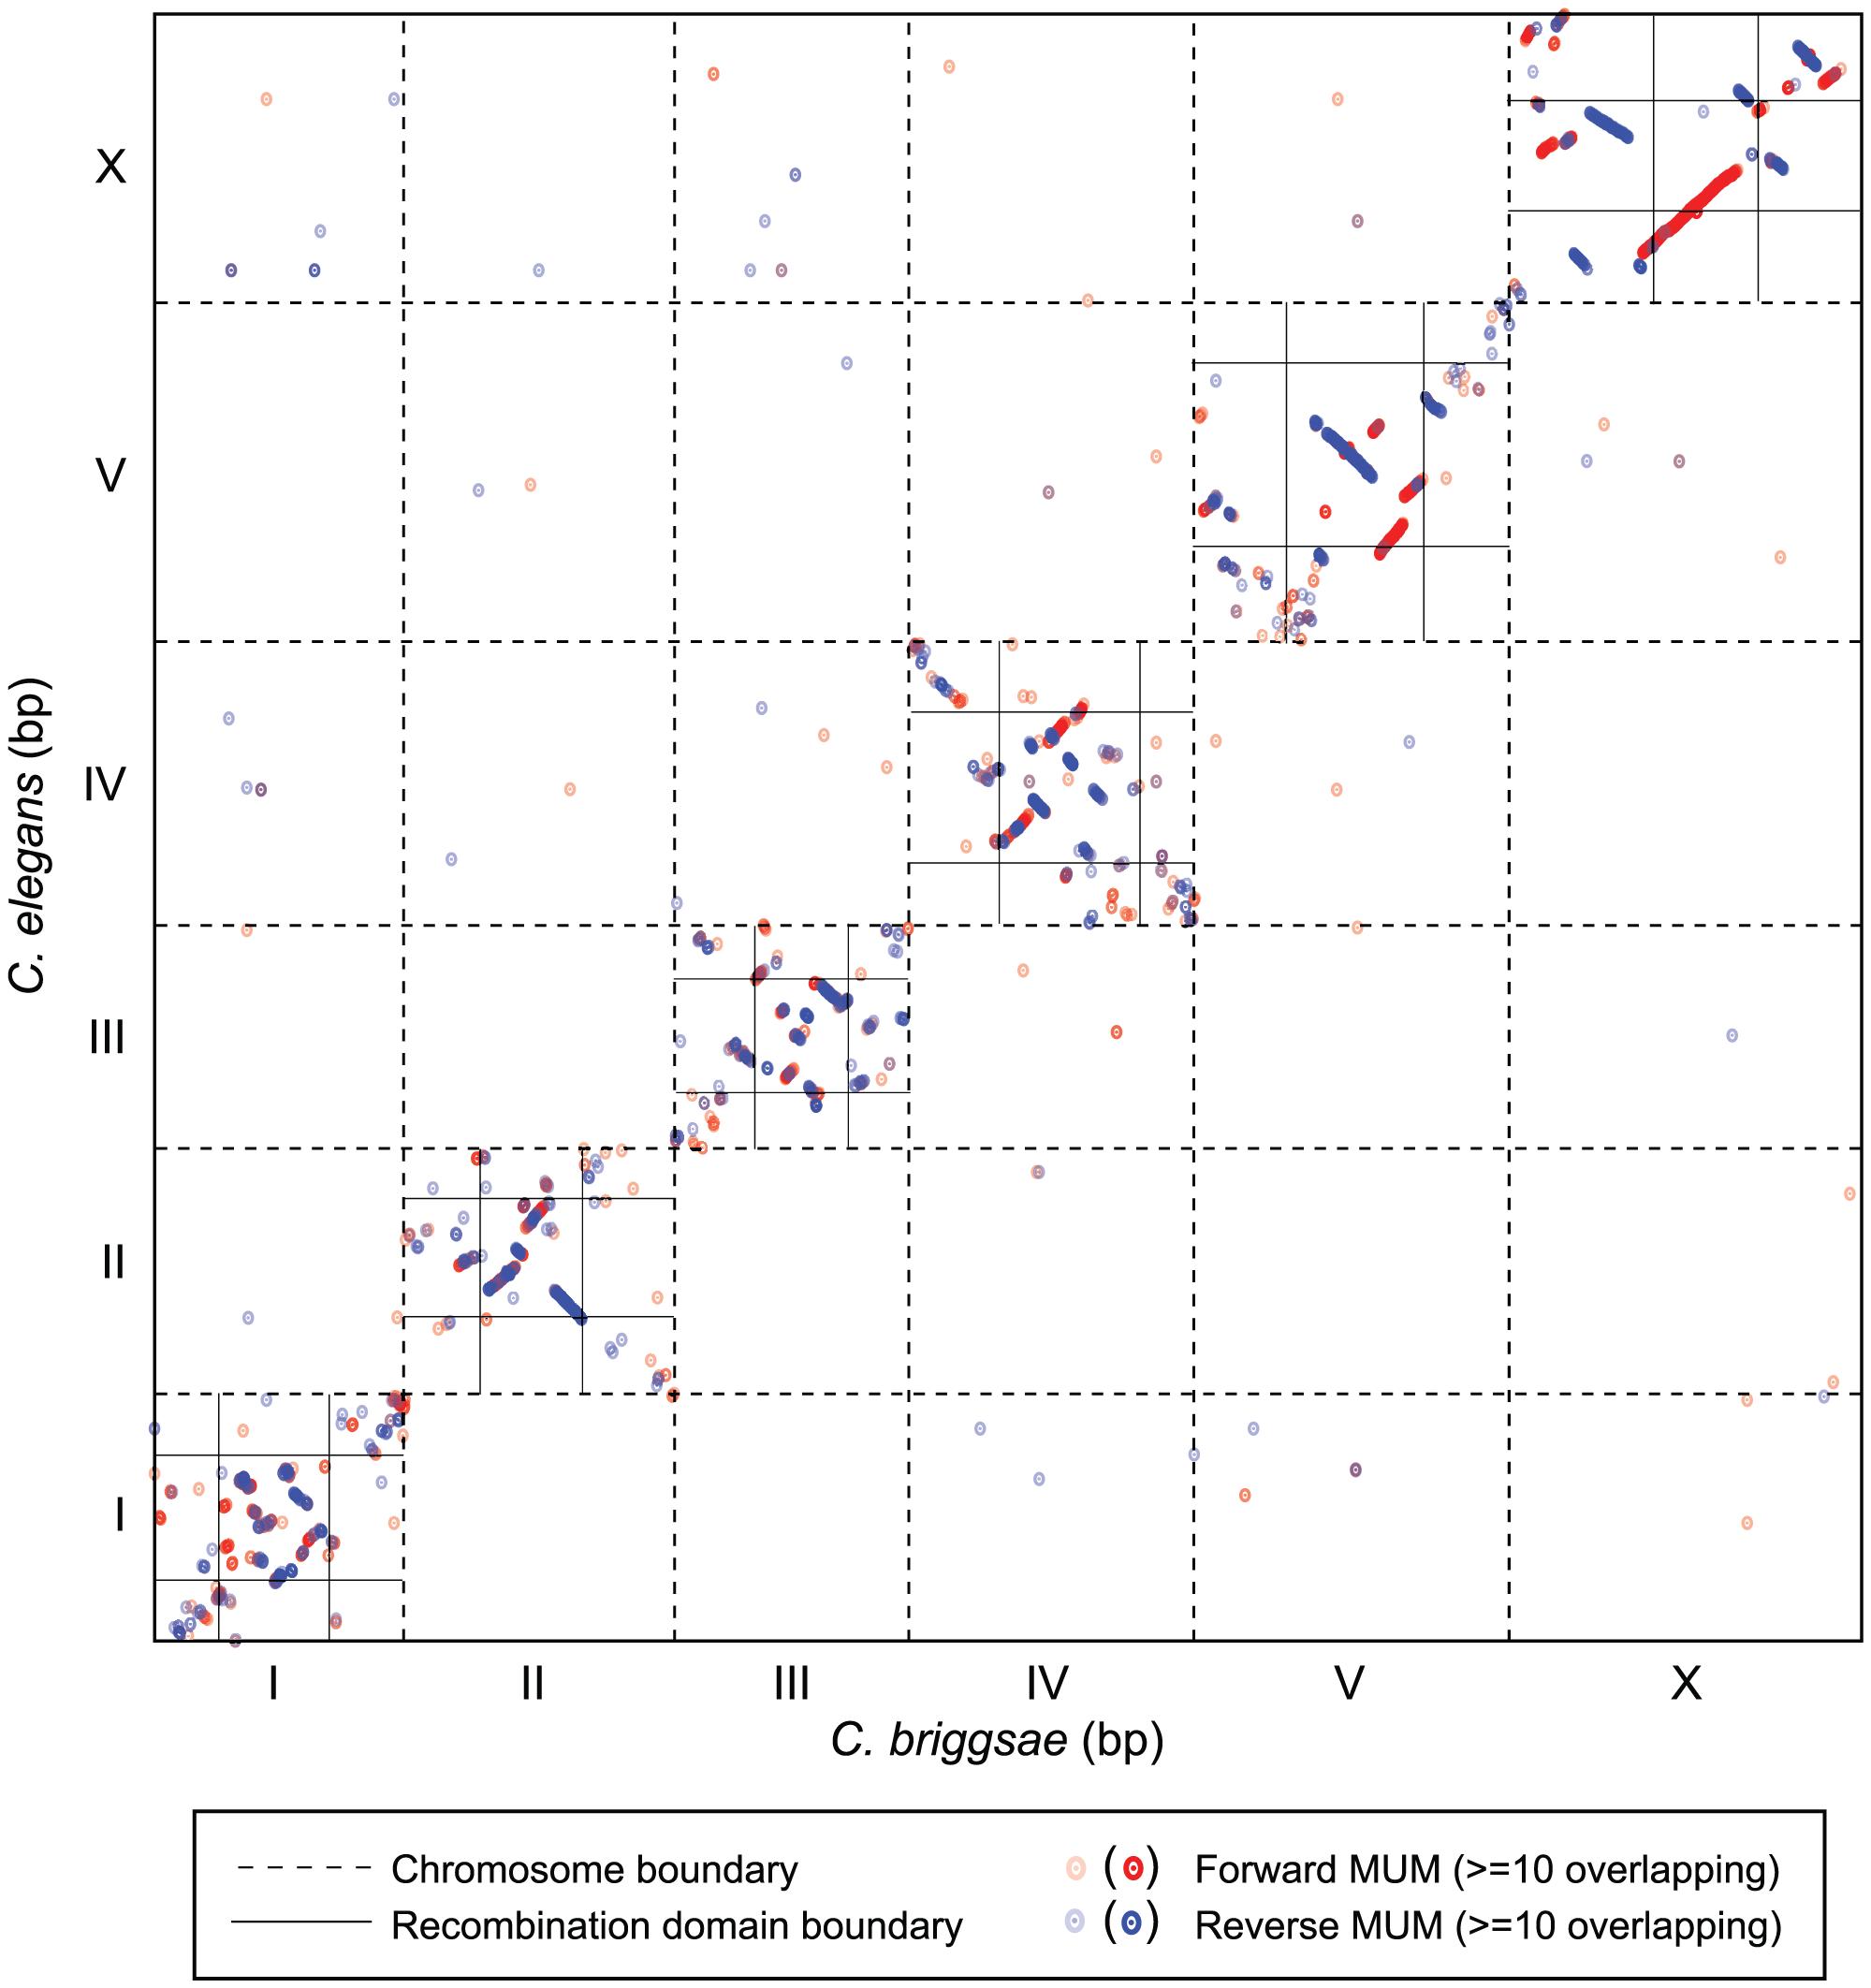 Chromosome synteny between <i>C. elegans</i> and <i>C. briggsae</i>.